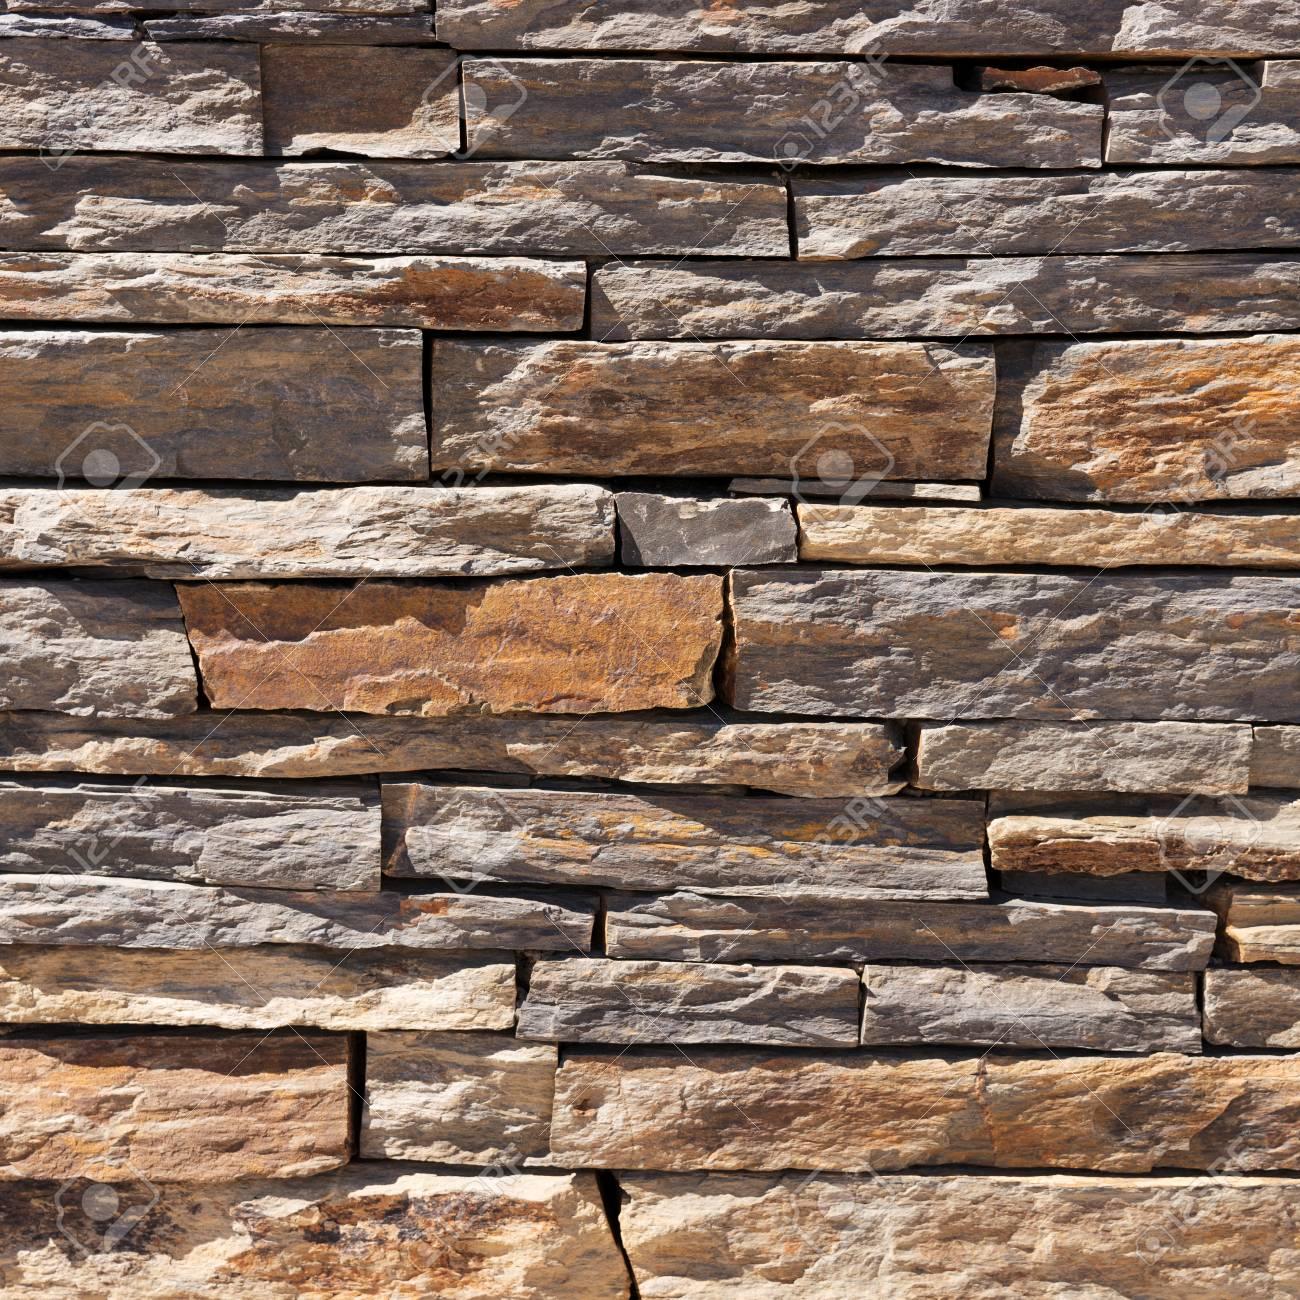 Muro De Piedras Naturales De Color Marron Textura De La Pared Fotos - Muro-piedra